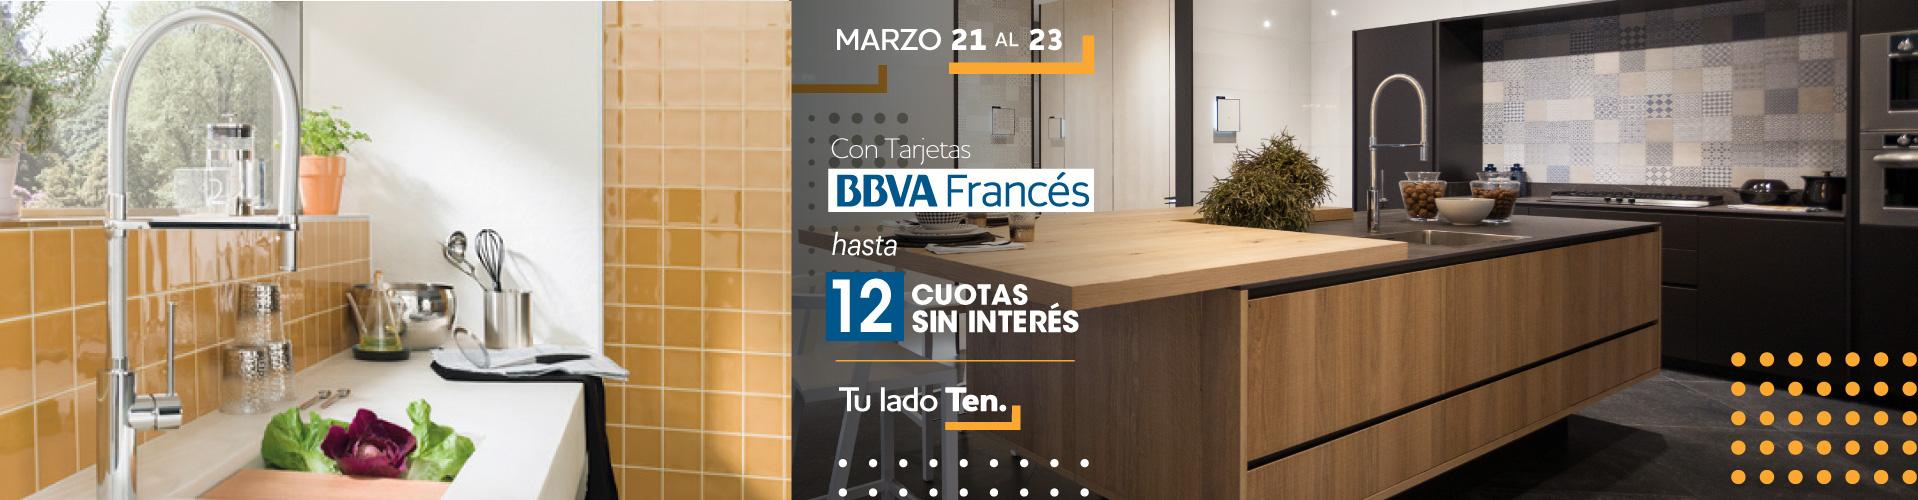 21-03 banco frances